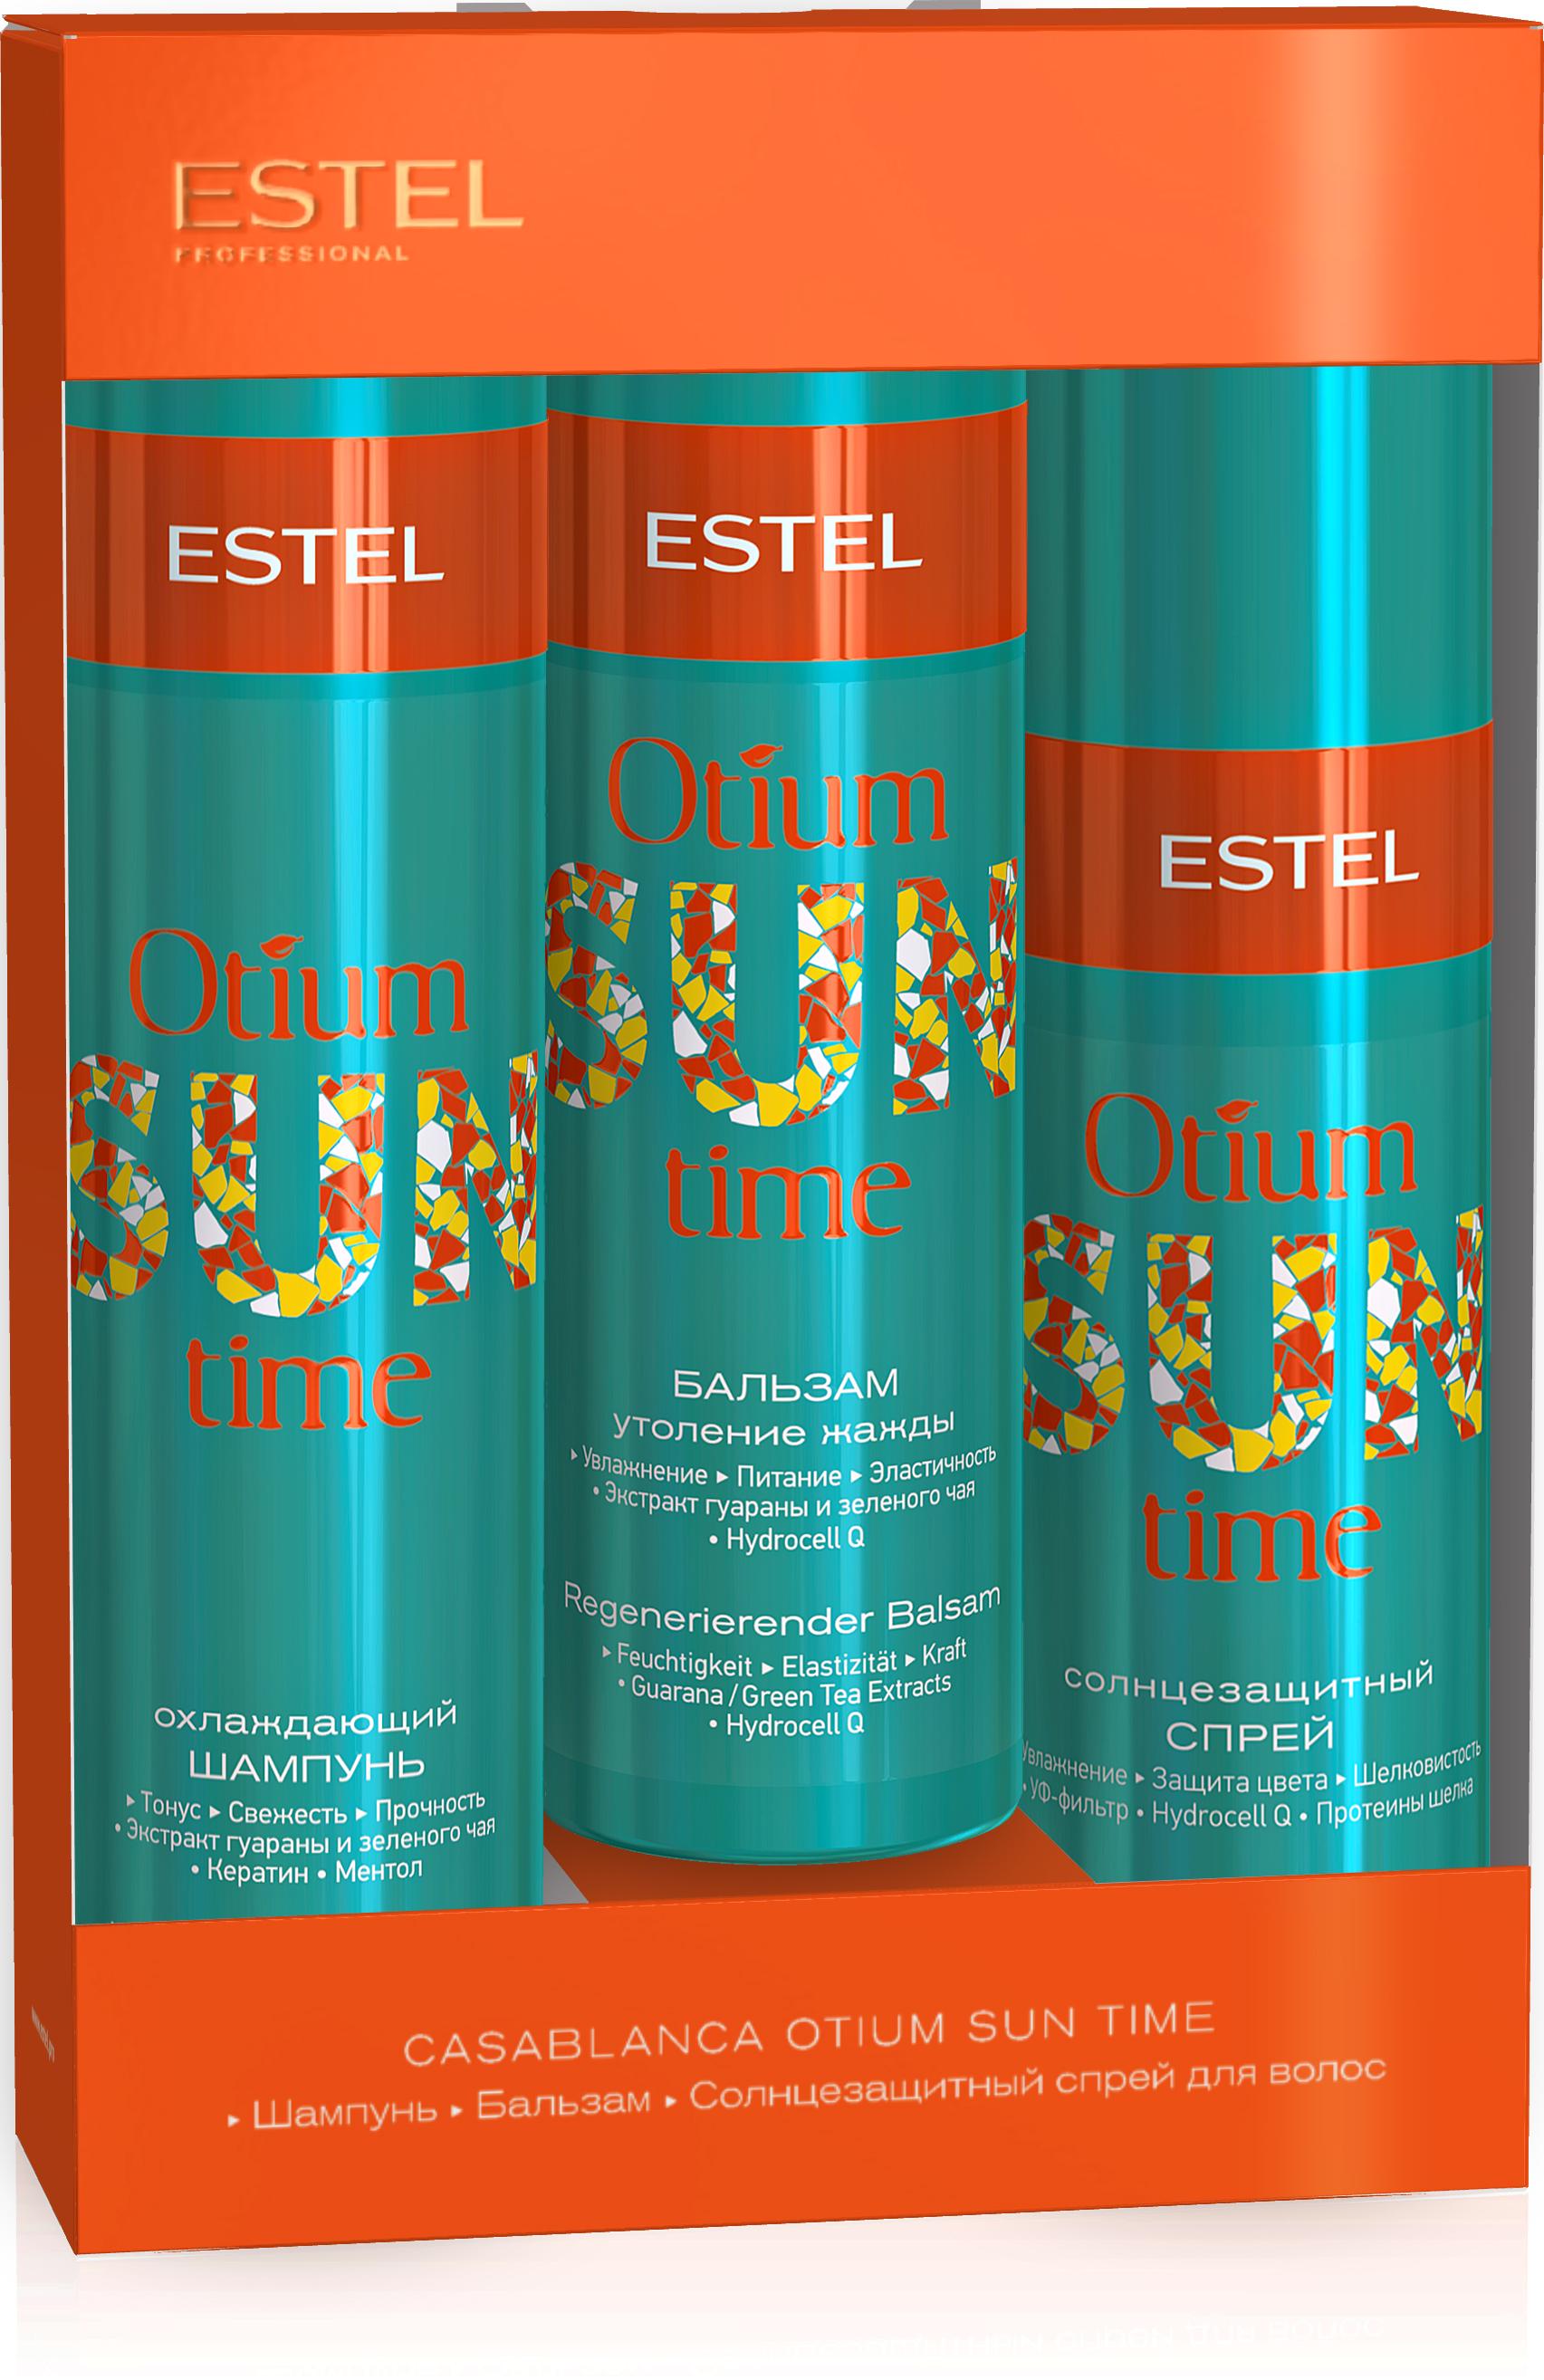 ESTEL PROFESSIONAL Набор для волос CASABLANCA OTIUM SUN TIME